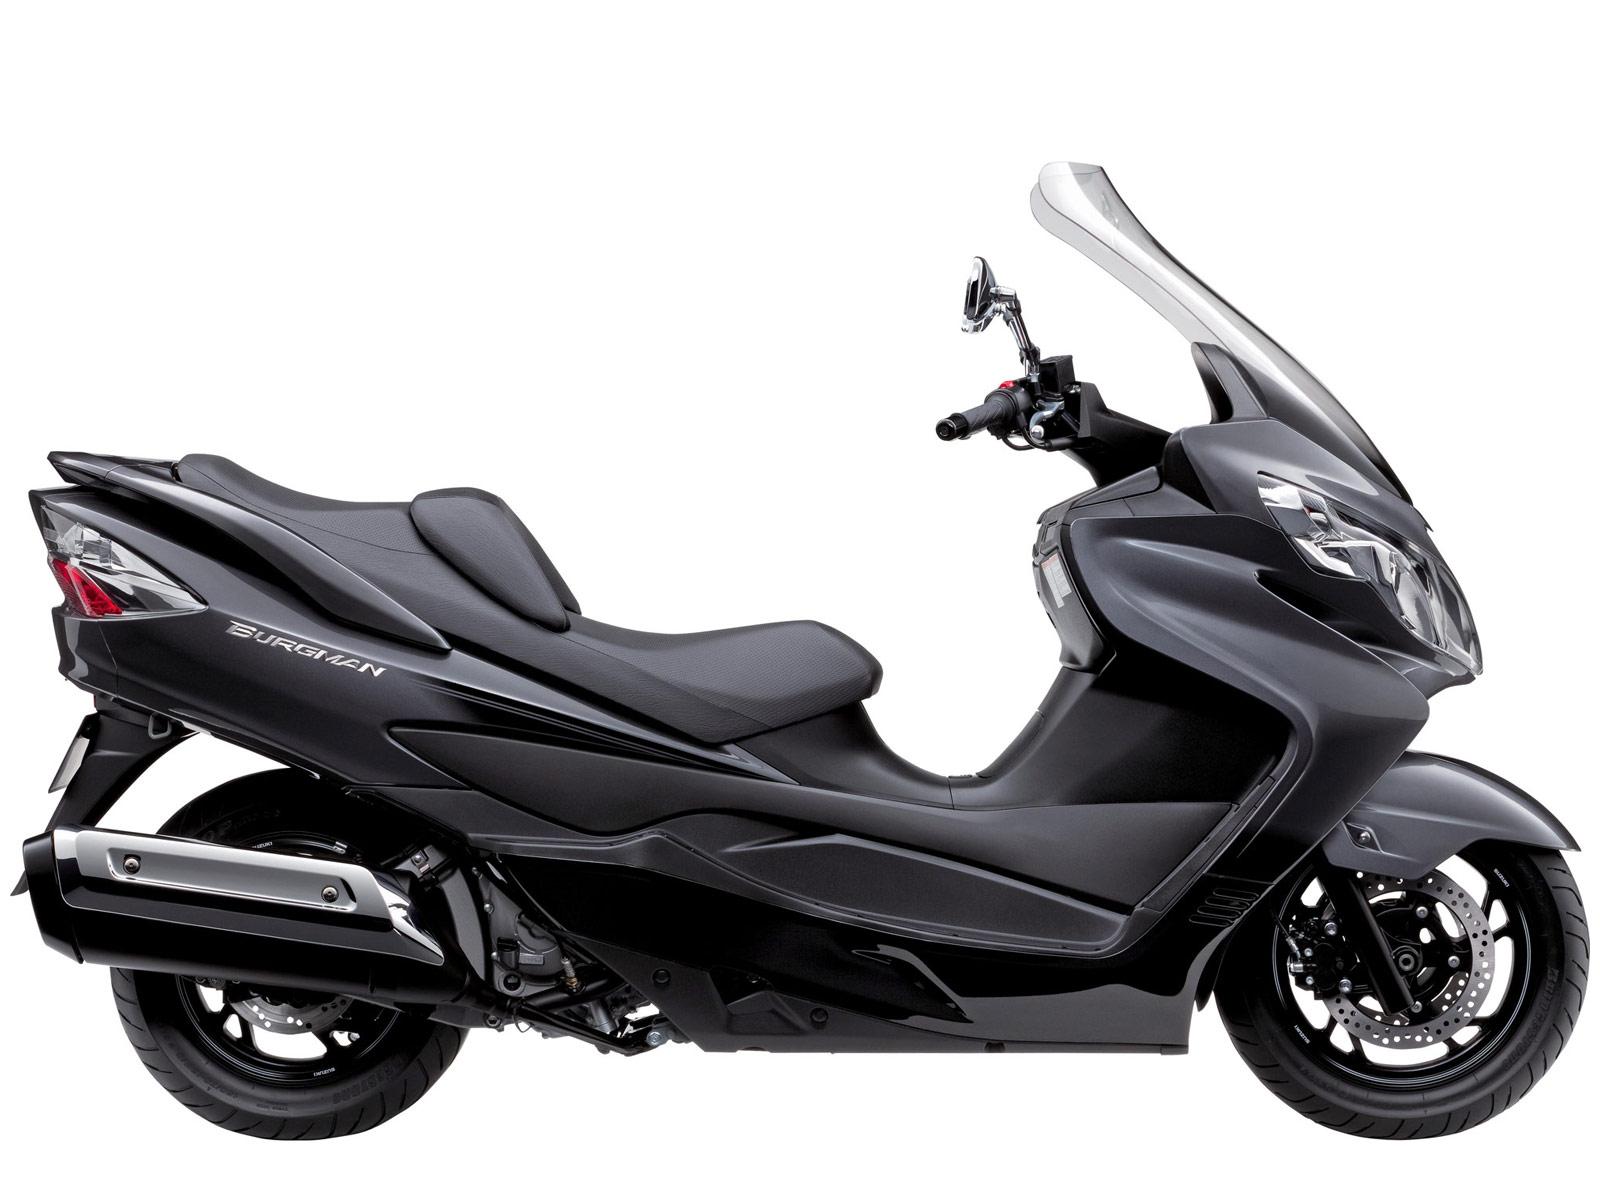 2012 Suzuki Burgman 400 Pictures Uk Specifications